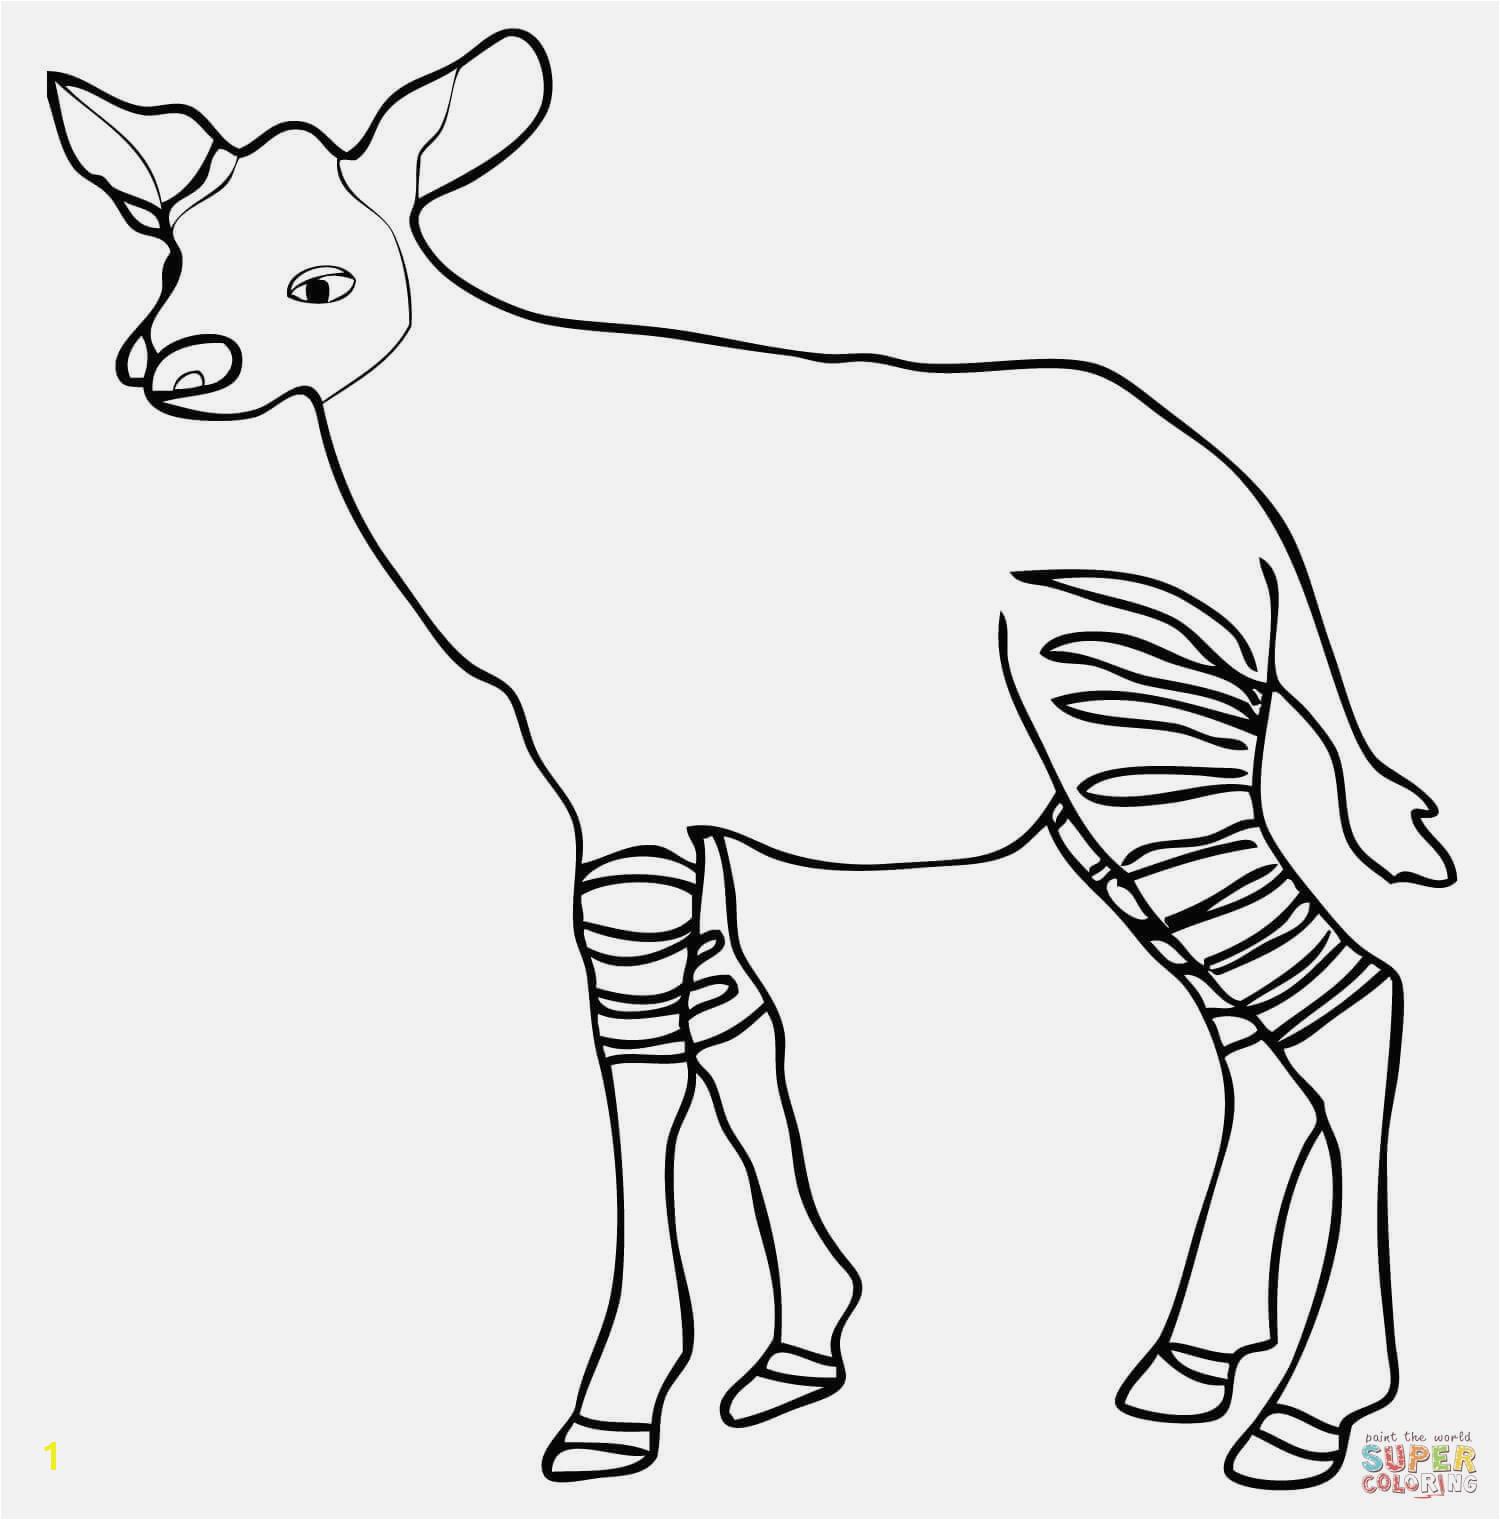 Ausmalbilder Waldtiere Beispielbilder Färben Ausmalbild Okapi Kalb